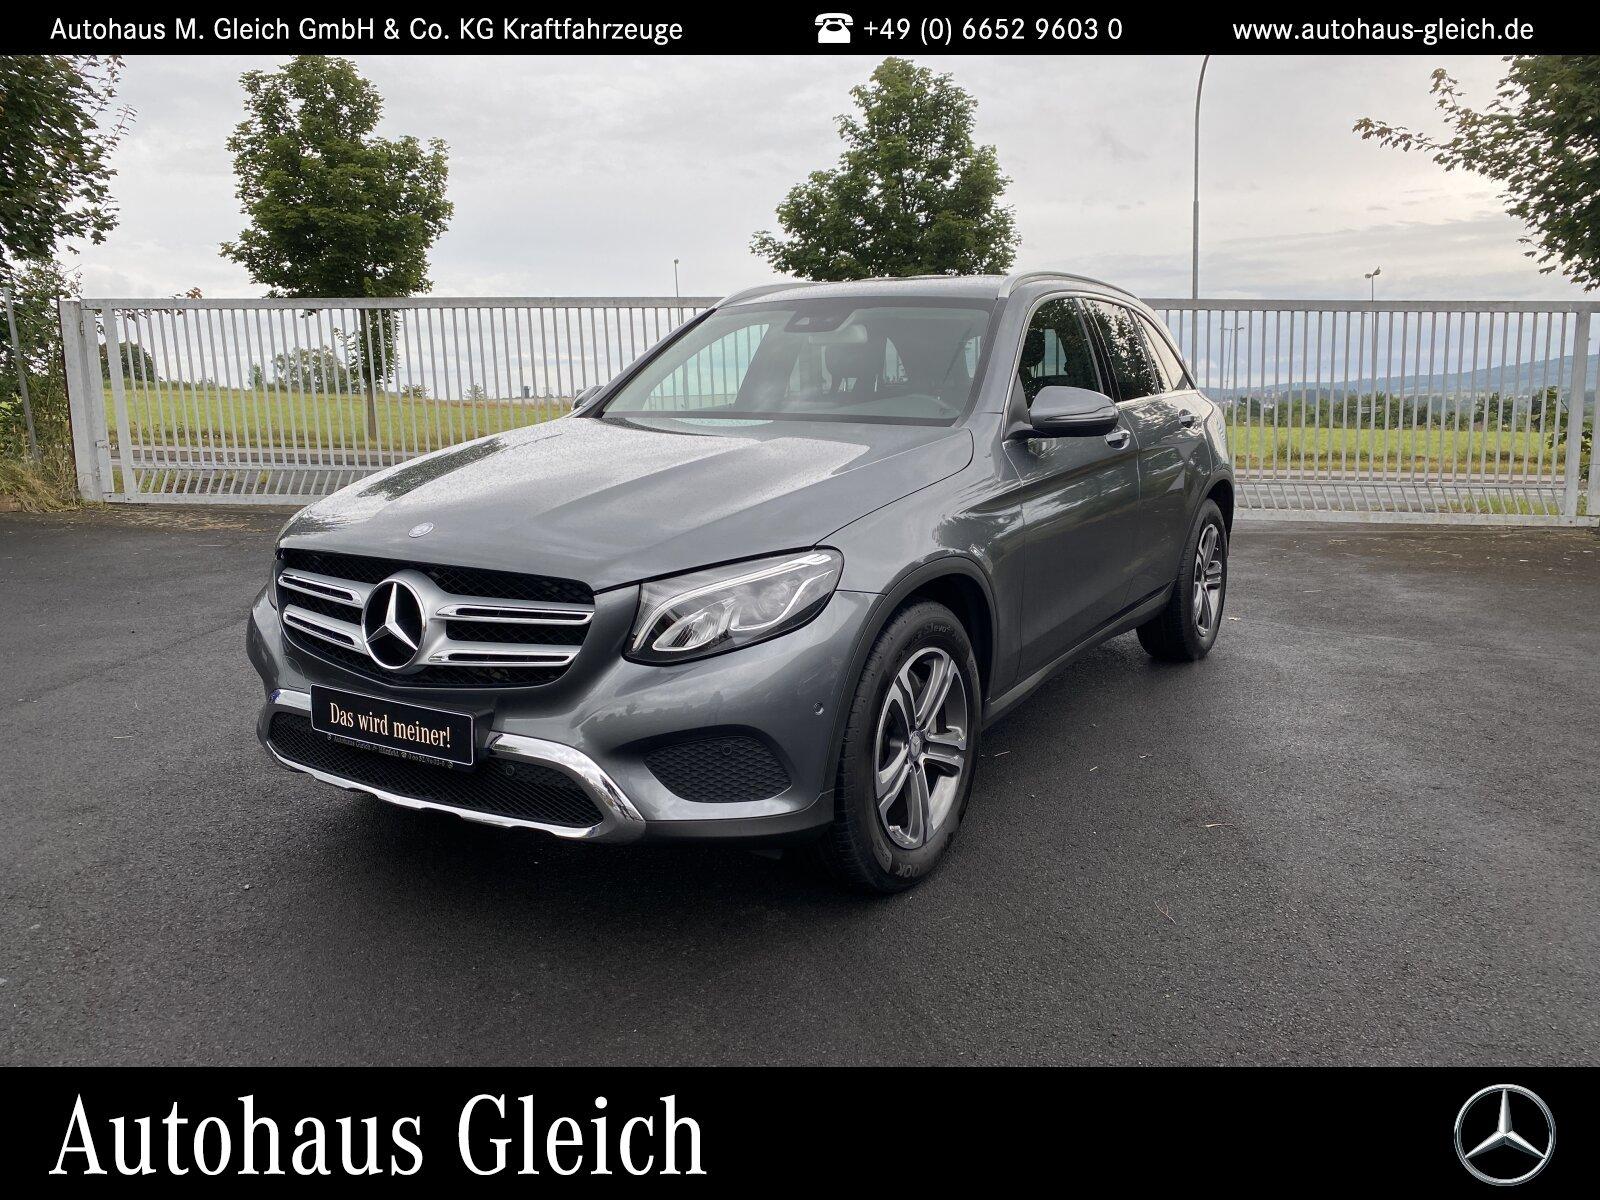 Mercedes-Benz GLC 220 d 4MATIC EXCLUSIVE Exterieur/Navi/Autom., Jahr 2016, Diesel